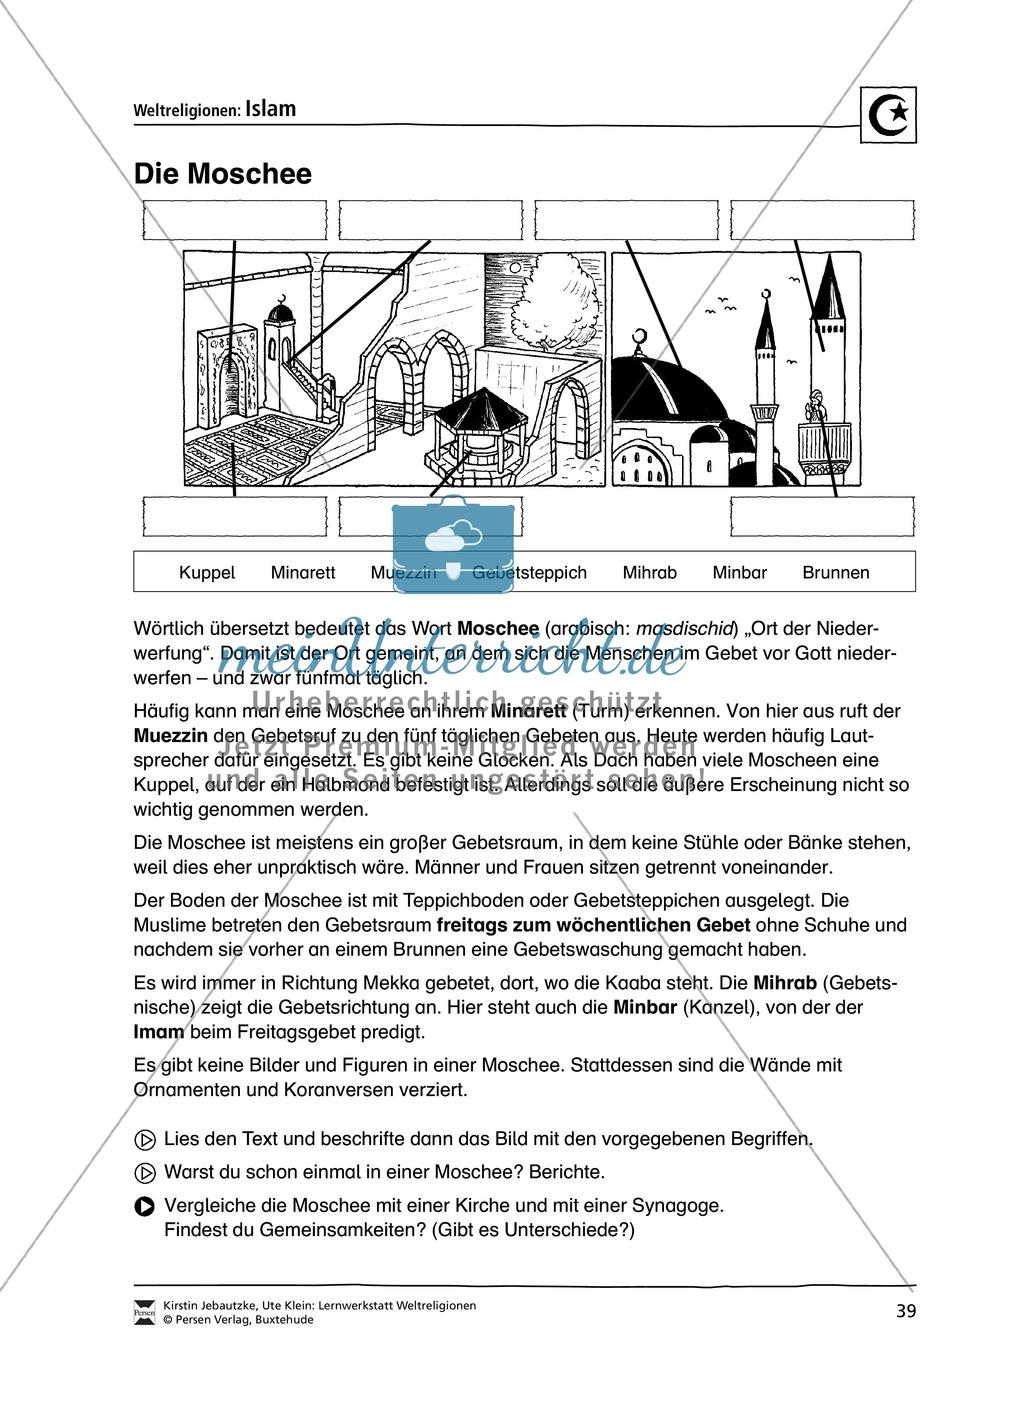 Unterrichtsmaterial zum Islam - mit Infomaterial zu Gottheit, Koran, Moscheen, Feiertagen uvm. Preview 5